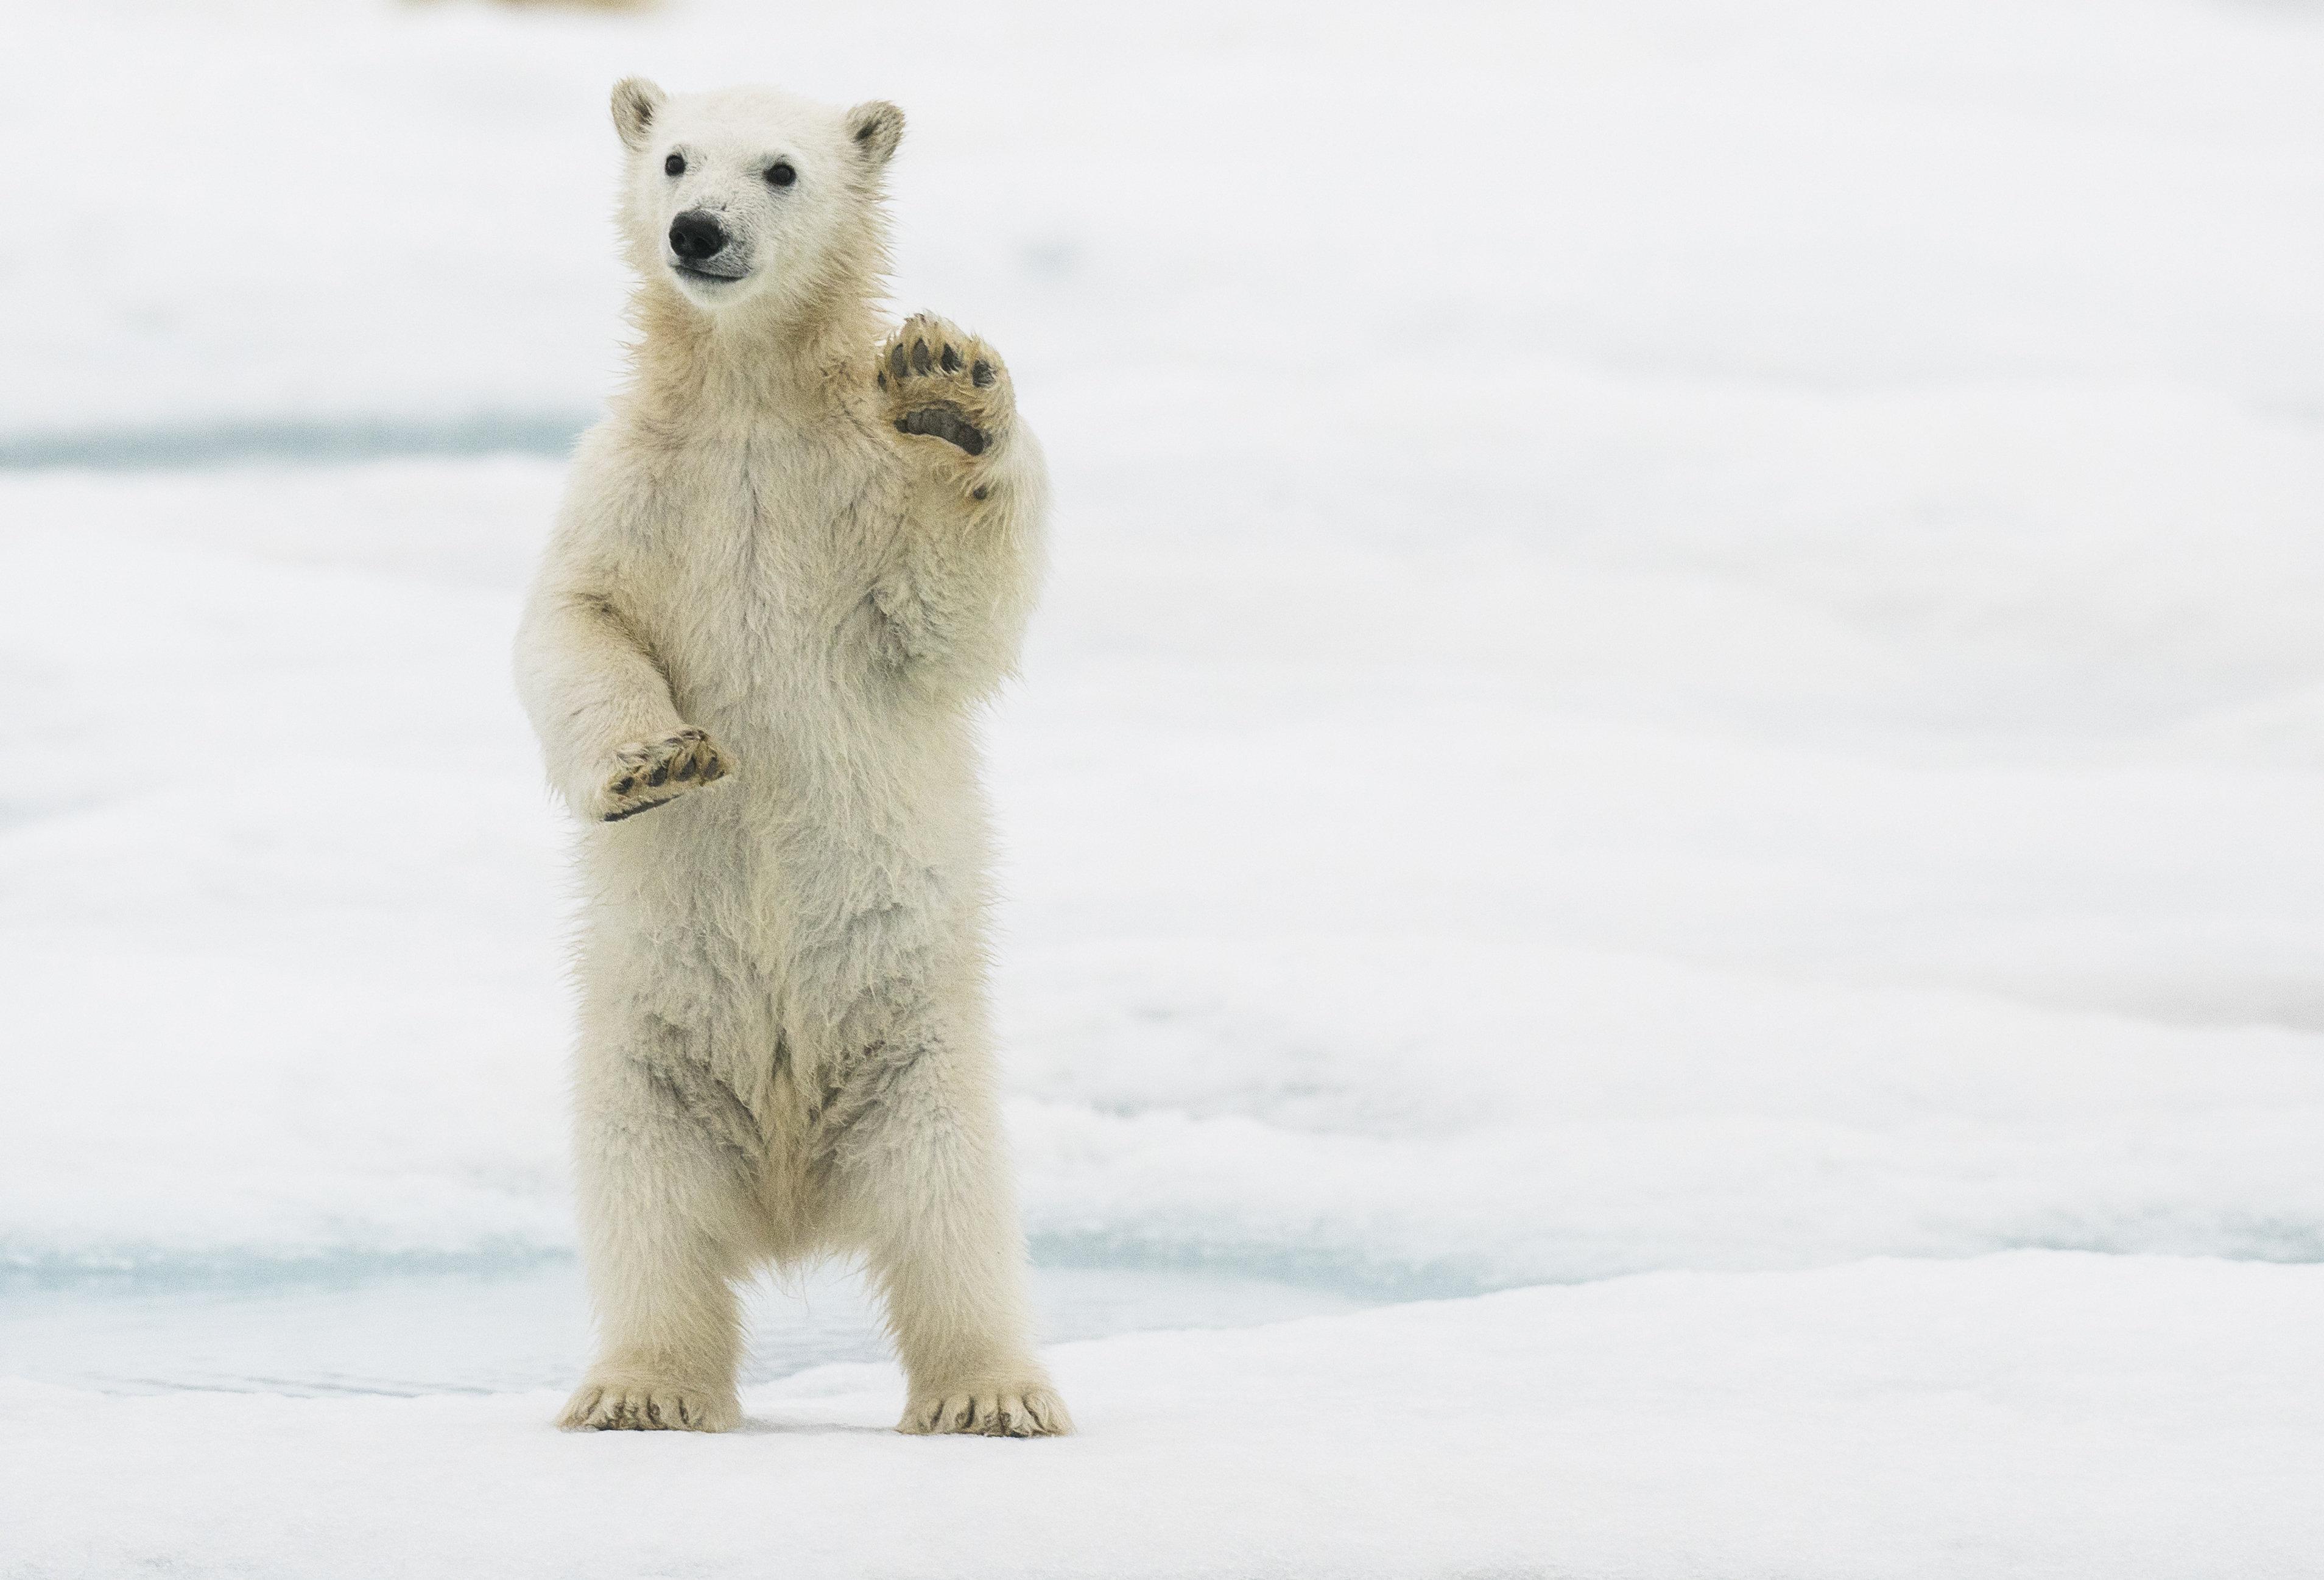 Klimawandel: Eisbären sterben in 80 Jahren aus